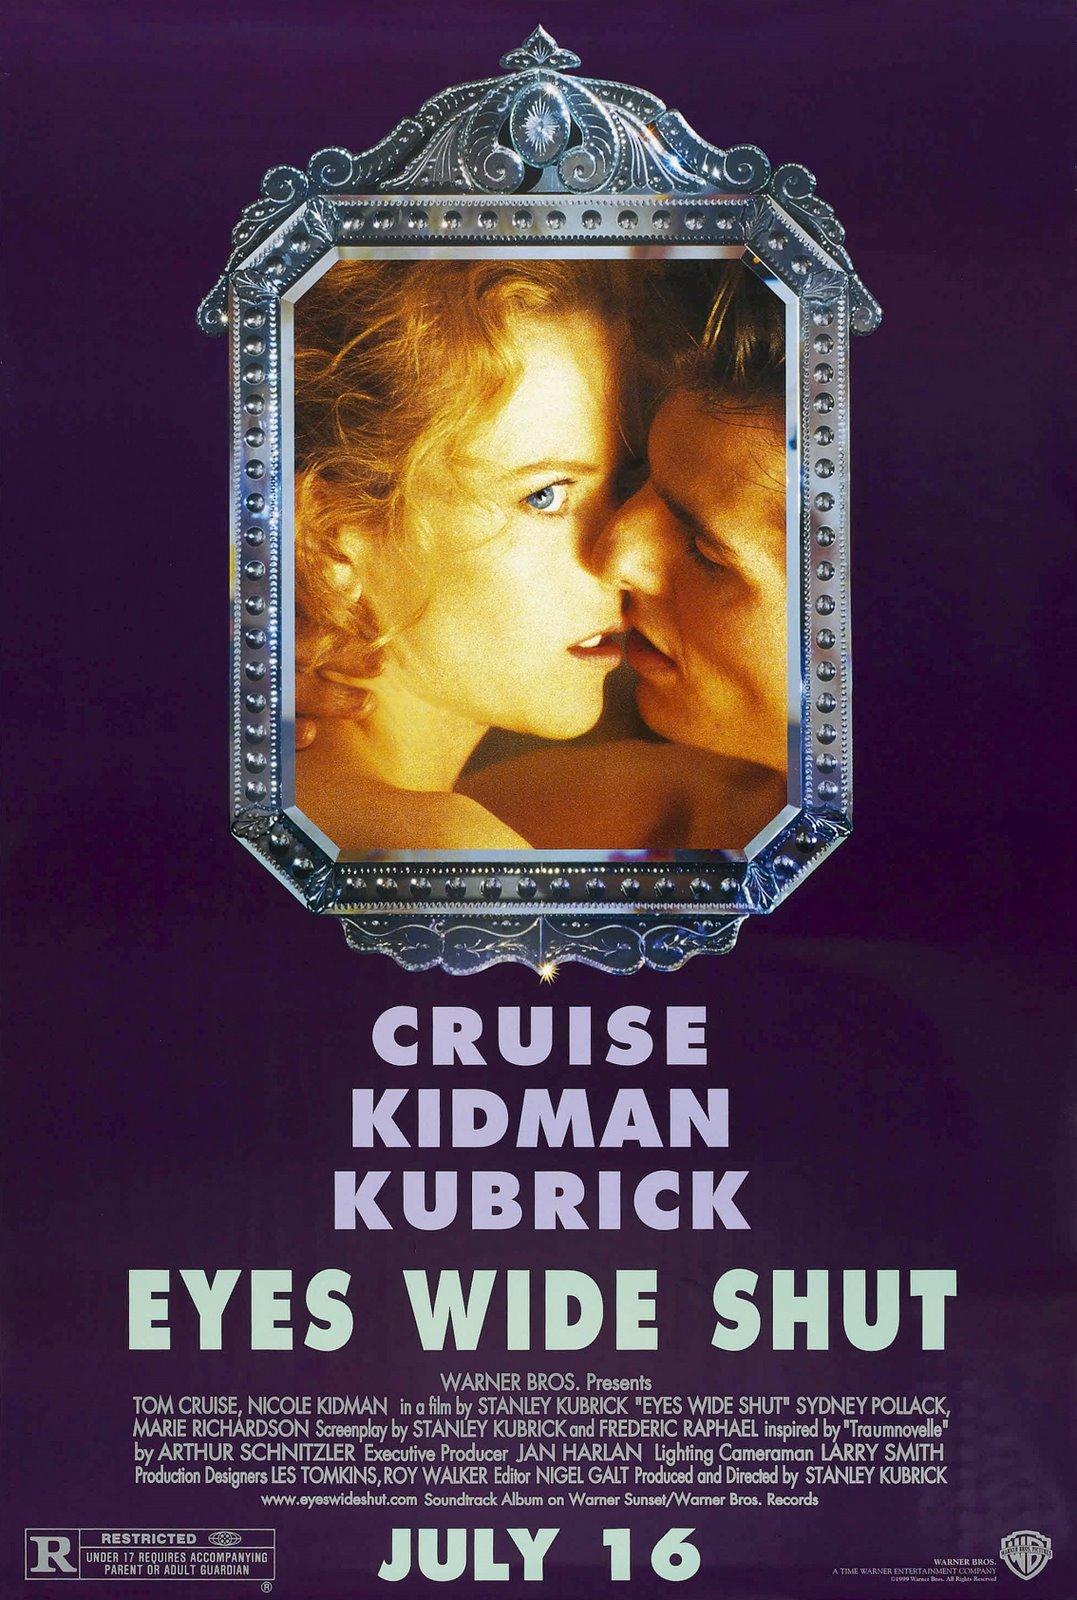 http://1.bp.blogspot.com/_7J_WGI7Jygw/SXcPSeYqtFI/AAAAAAAAAYI/IXHUZueepWA/s1600/Eyes-Wide-Shut-One-Sheet.jpg